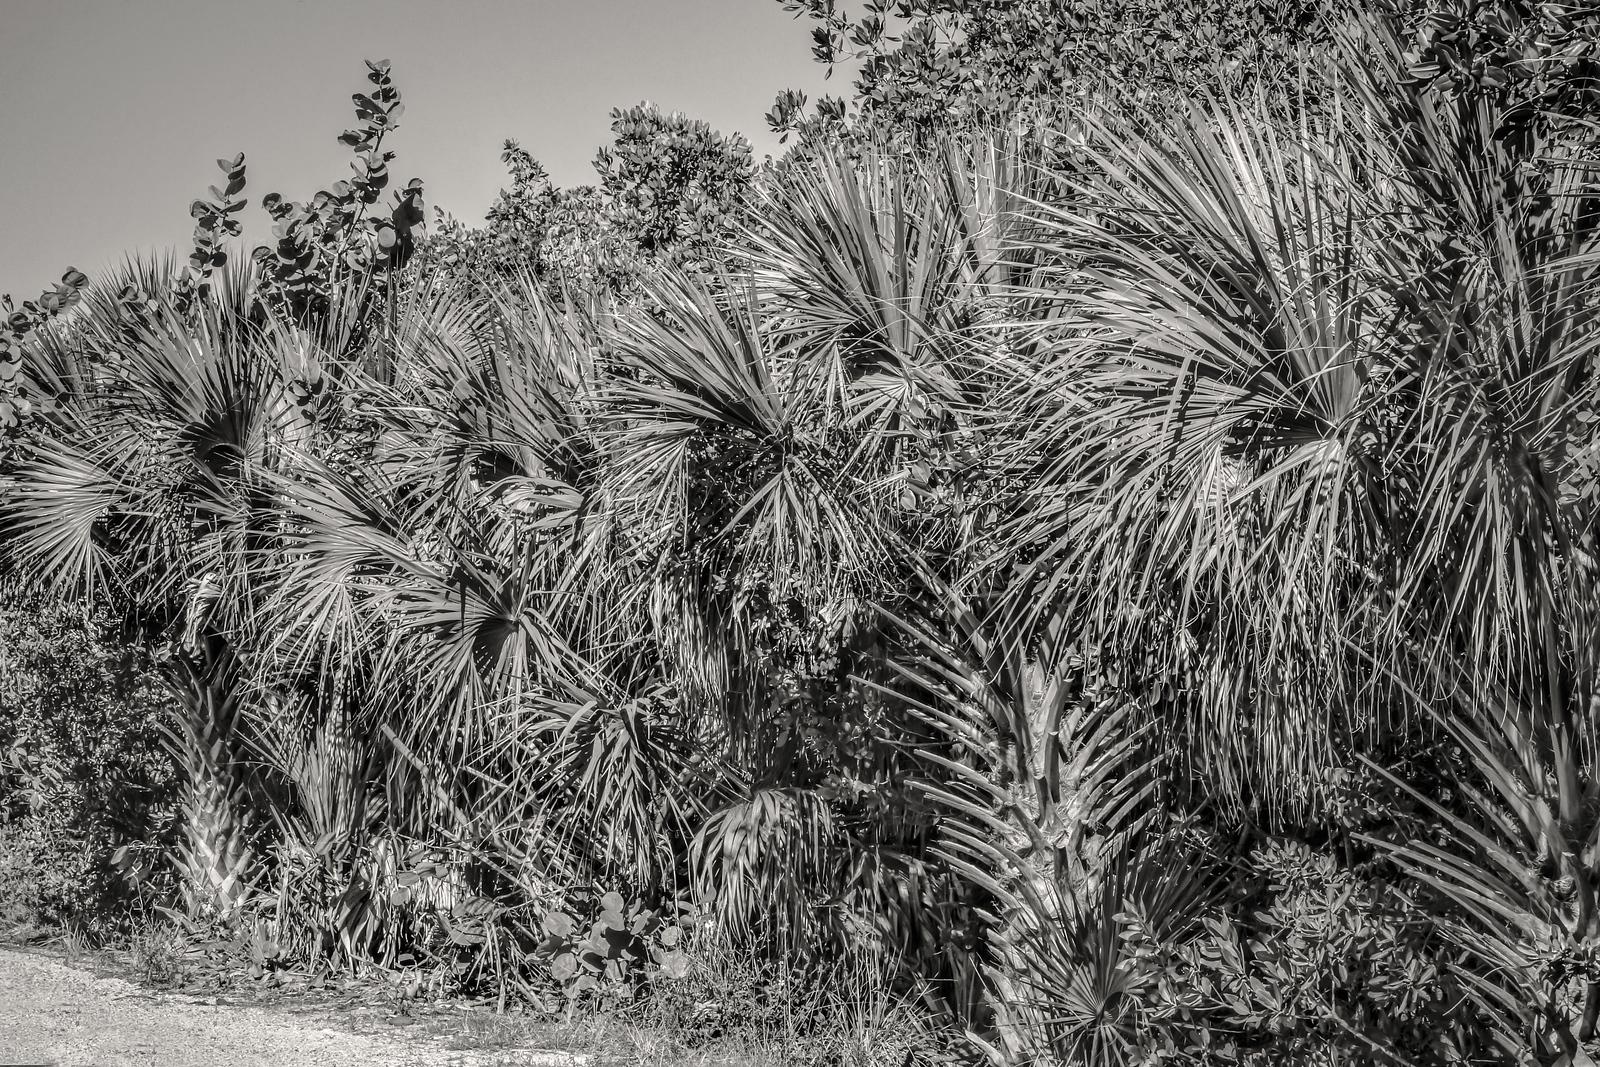 Ding Darling Wildlife Refuge, Sanibel Island, FL